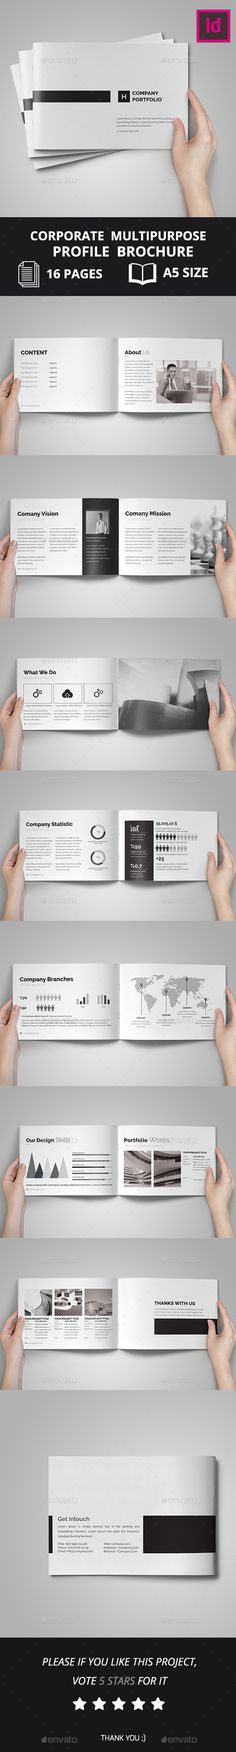 Corporate Multipurpose Profile Brochure - Corporate Brochures